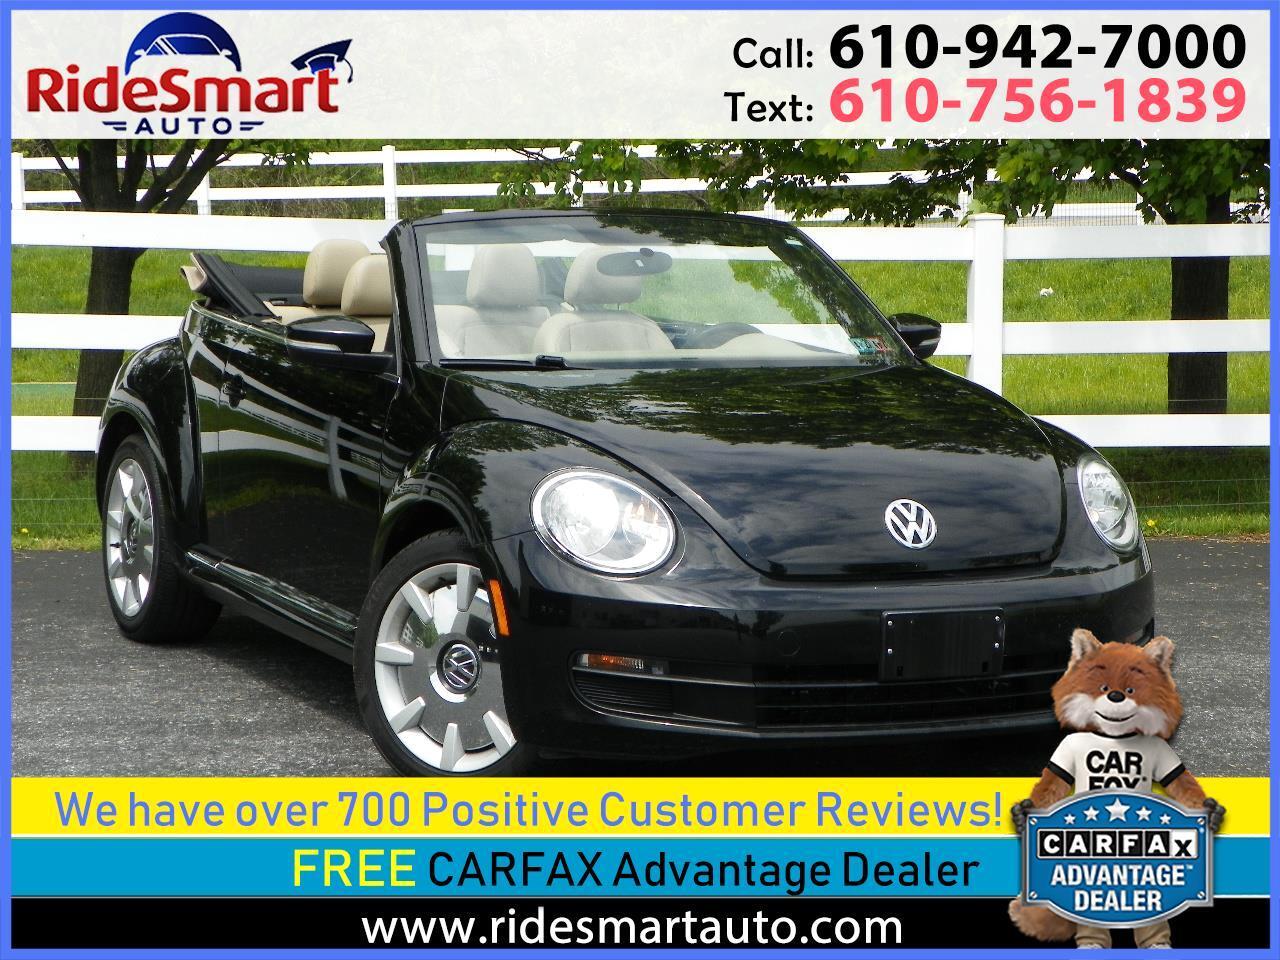 2014 Volkswagen Beetle 2.5 L Convertible w/Premium Sound & Nav